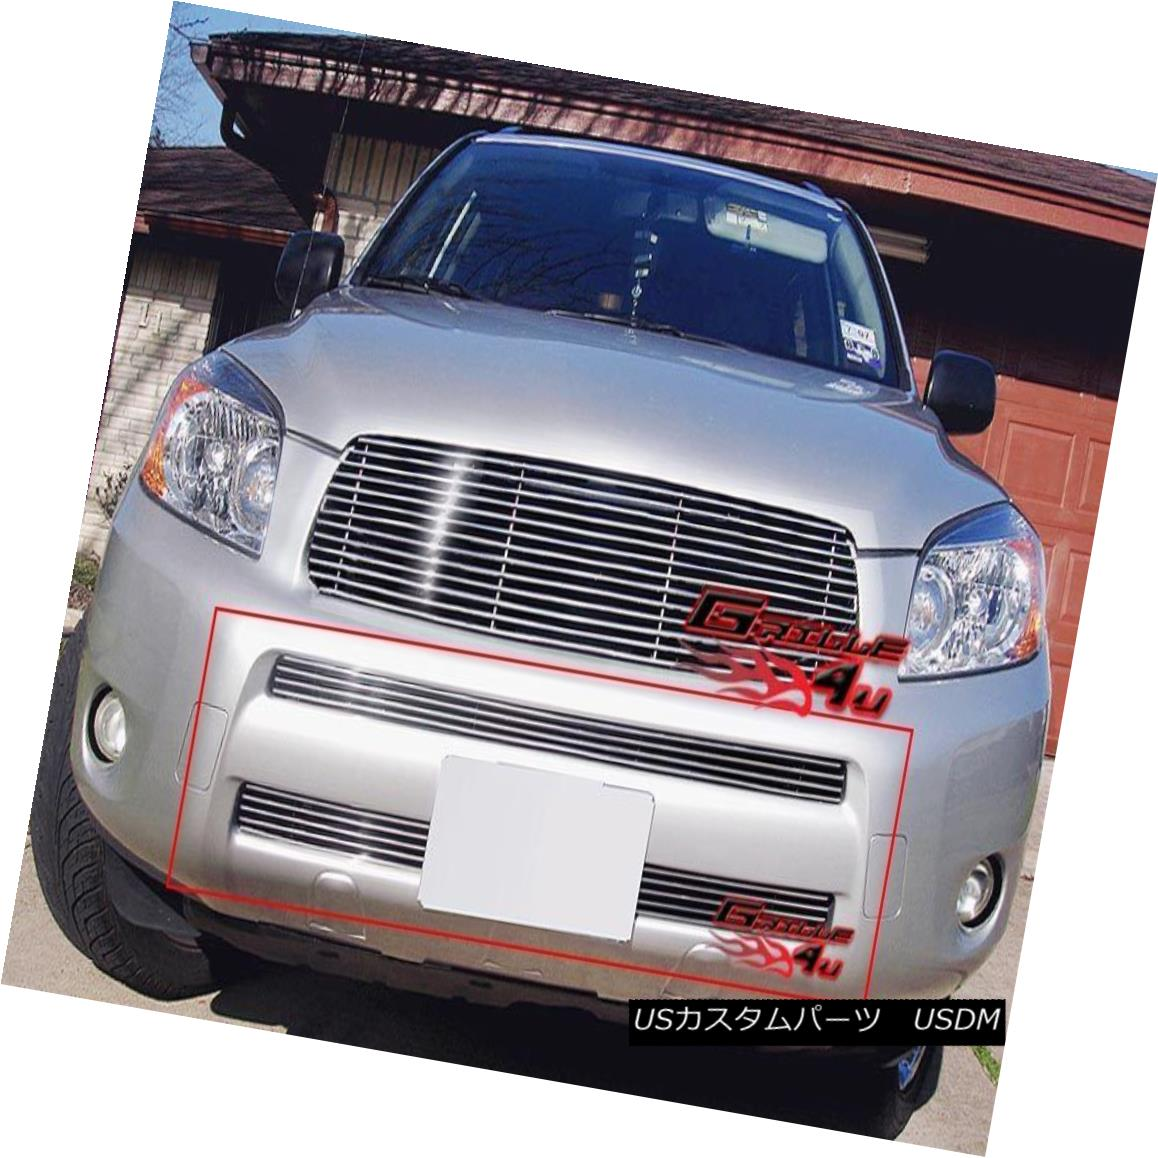 グリル Fits 2006-2008 Toyota RAV4 RAV 4 Lower Bumper Billet Grille 2006-2008トヨタRAV4 RAV 4ロワーバンパービレットグリルに適合